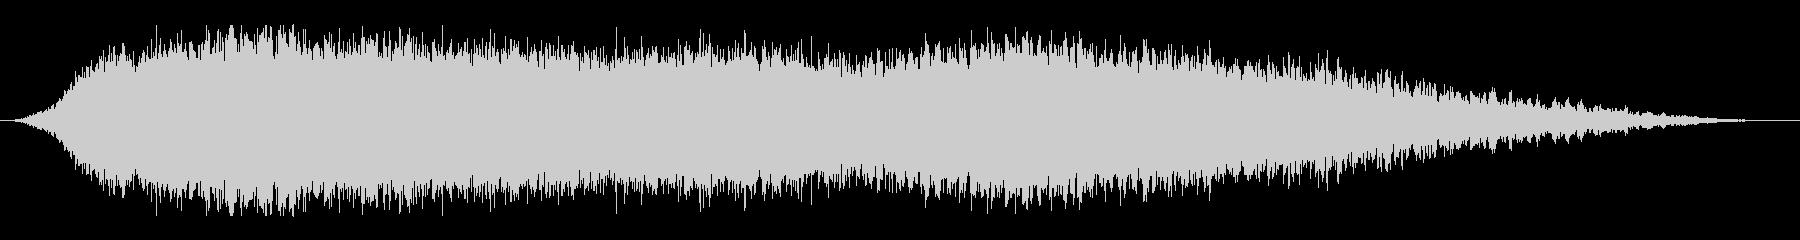 ロングセラーのアンビエント274の未再生の波形